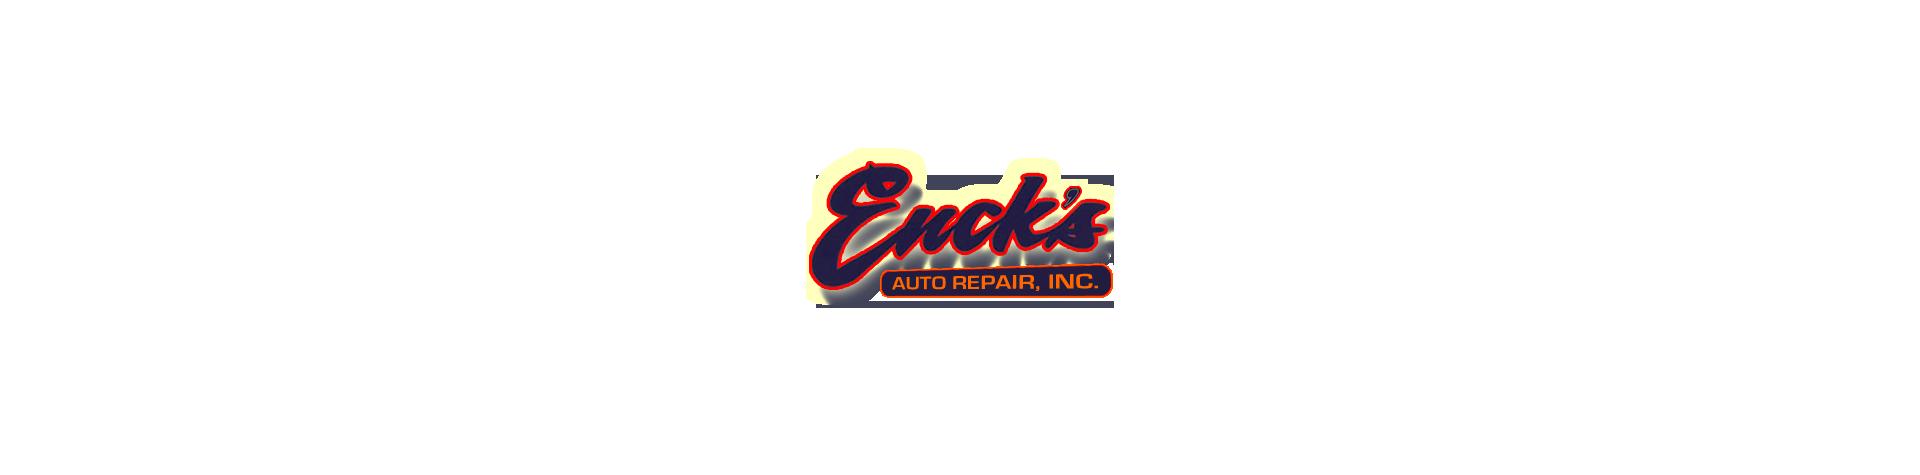 Enck's Auto Repair, Inc.